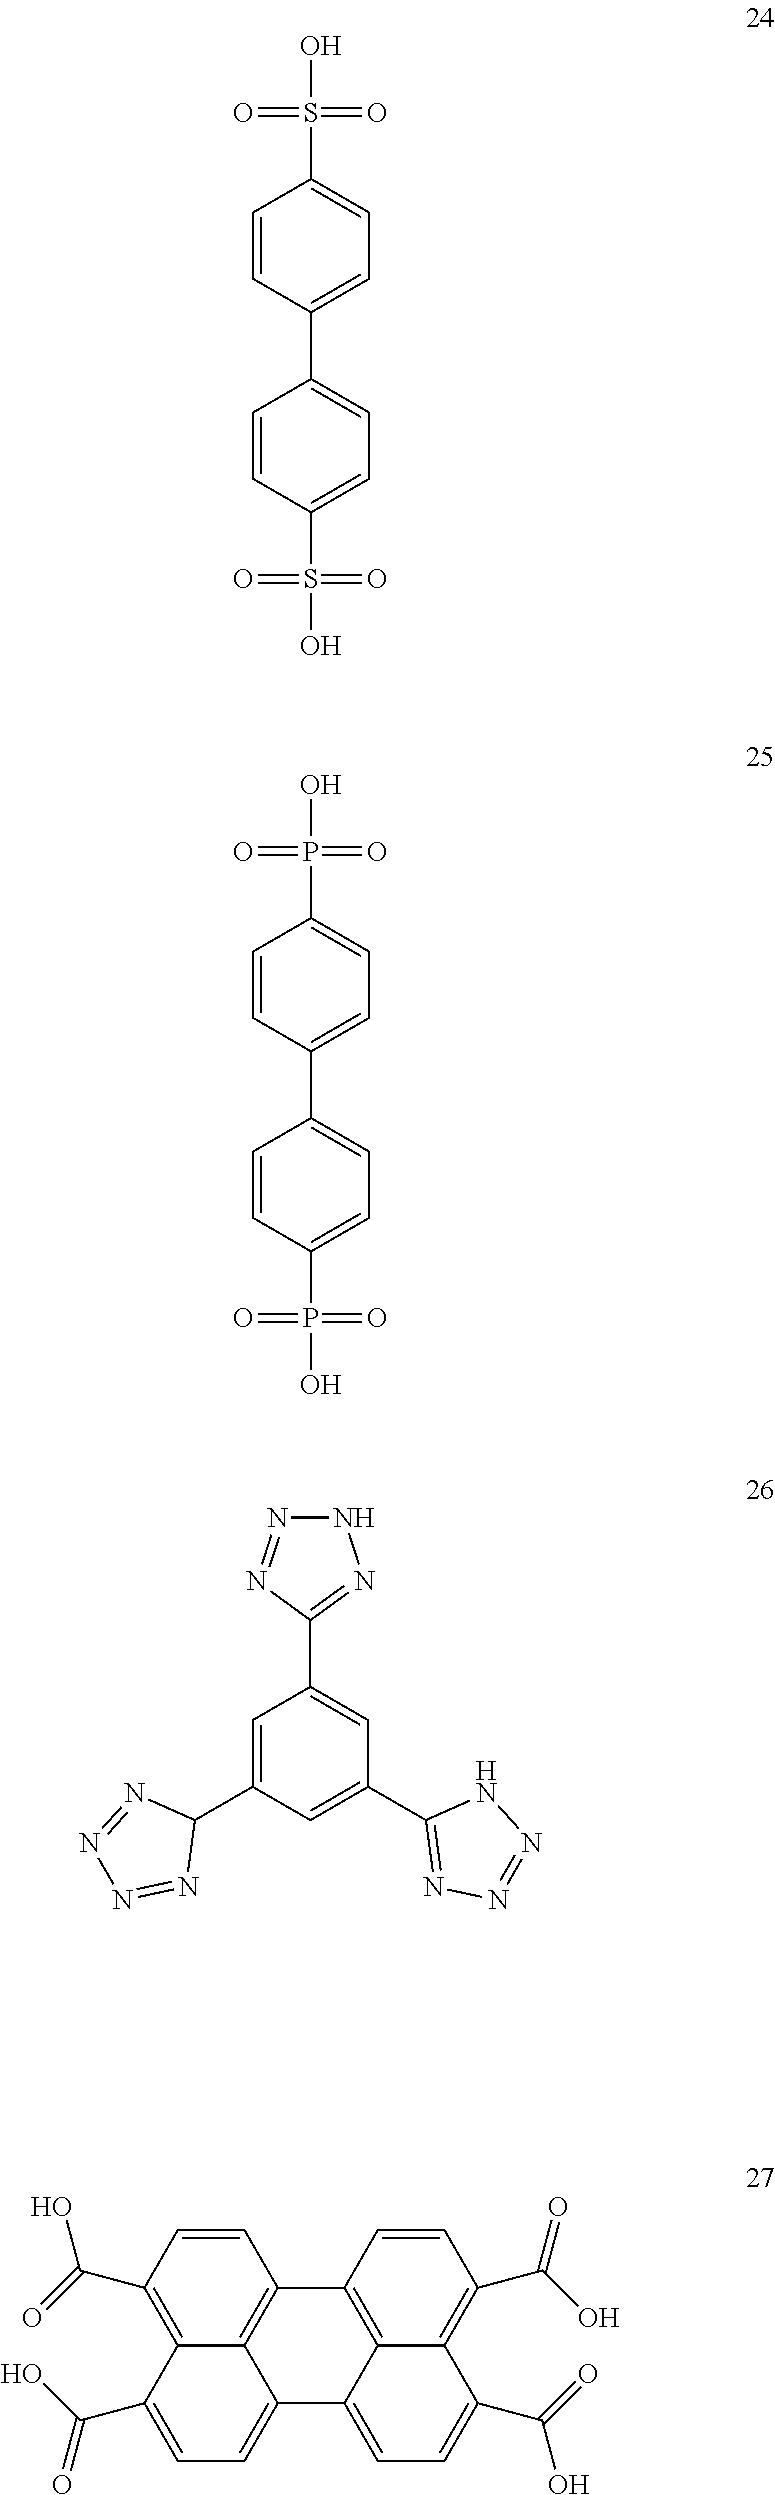 Figure US20180201629A1-20180719-C00006